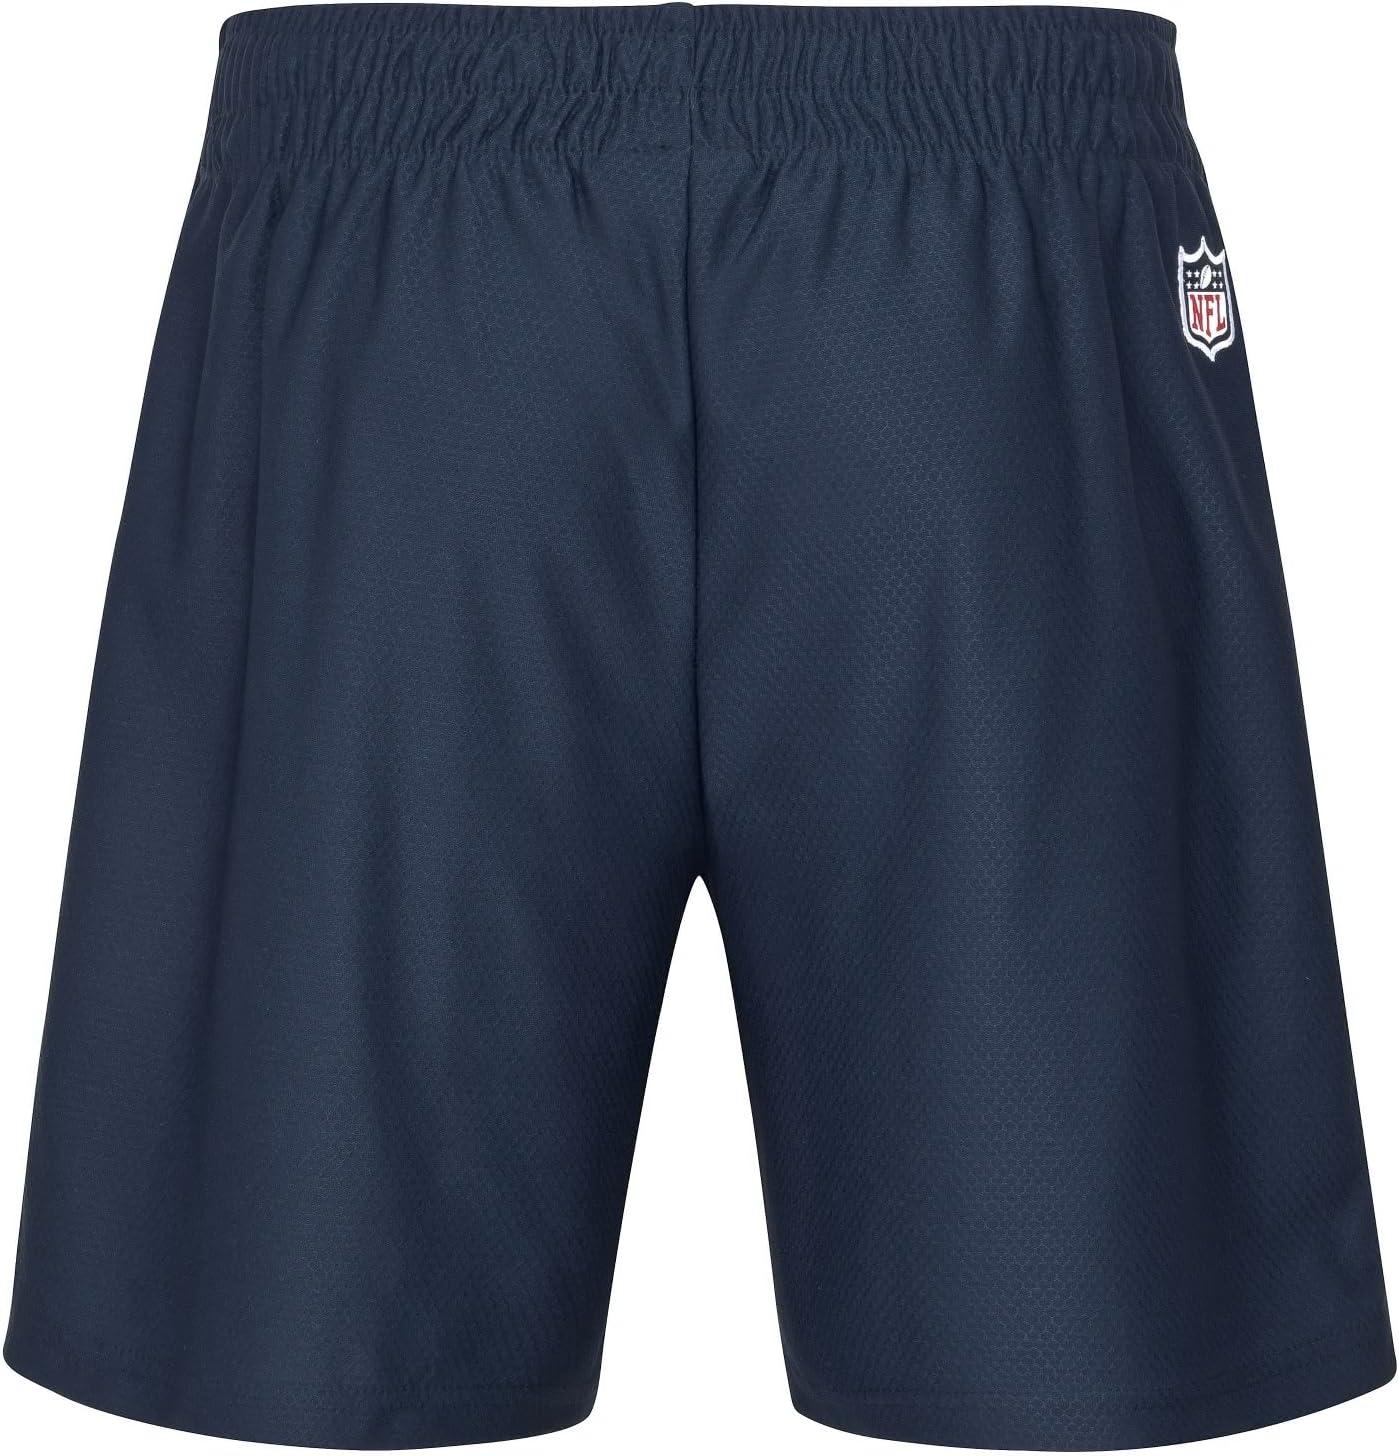 A NEW ERA 11569584 Unisex Adult Shorts